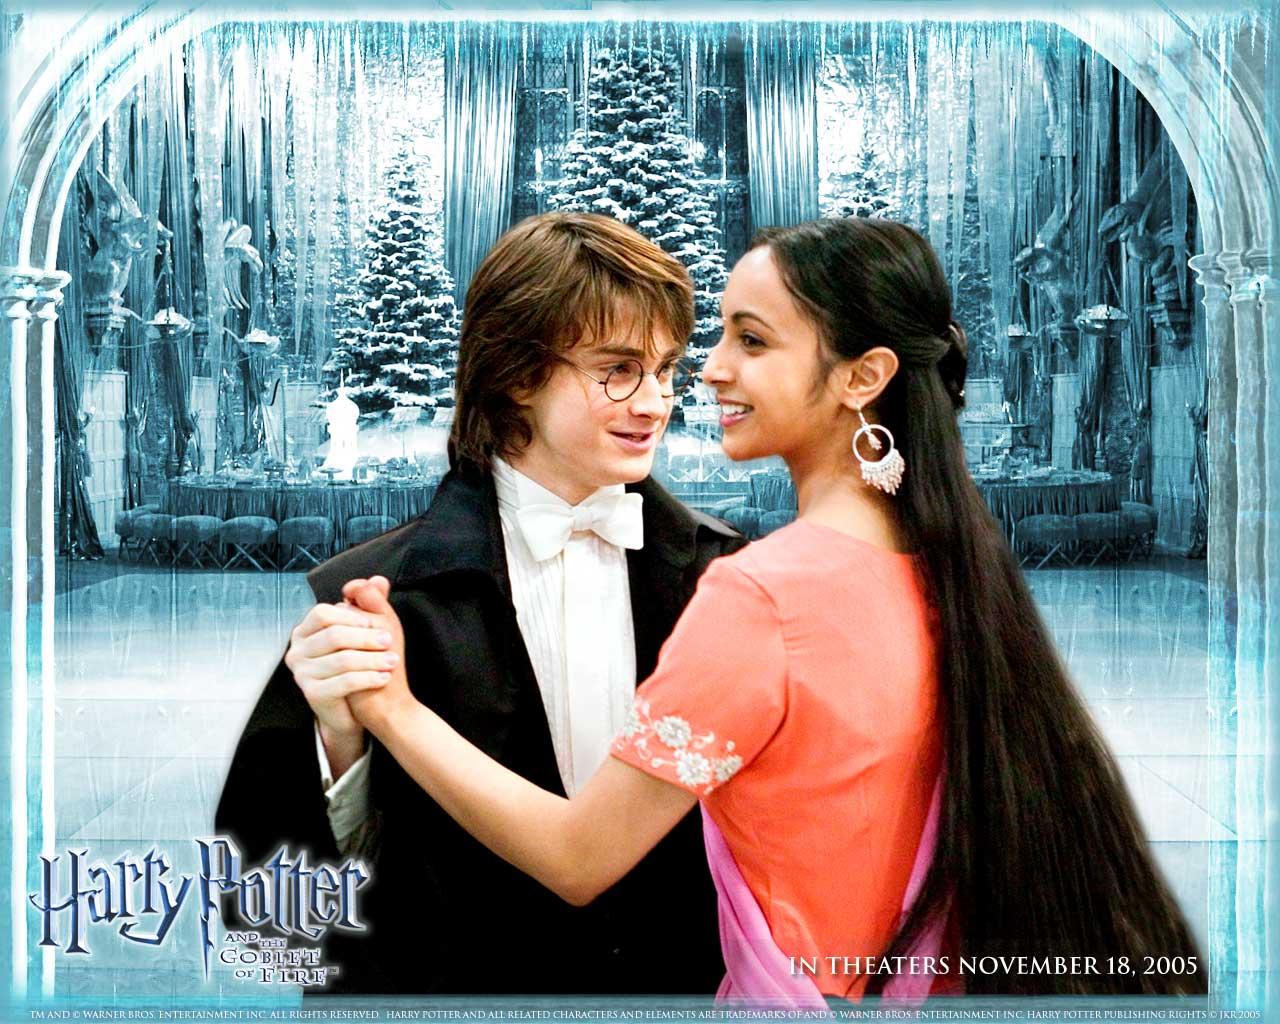 Гарри Поттер и философский камень 2002 смотреть онлайн